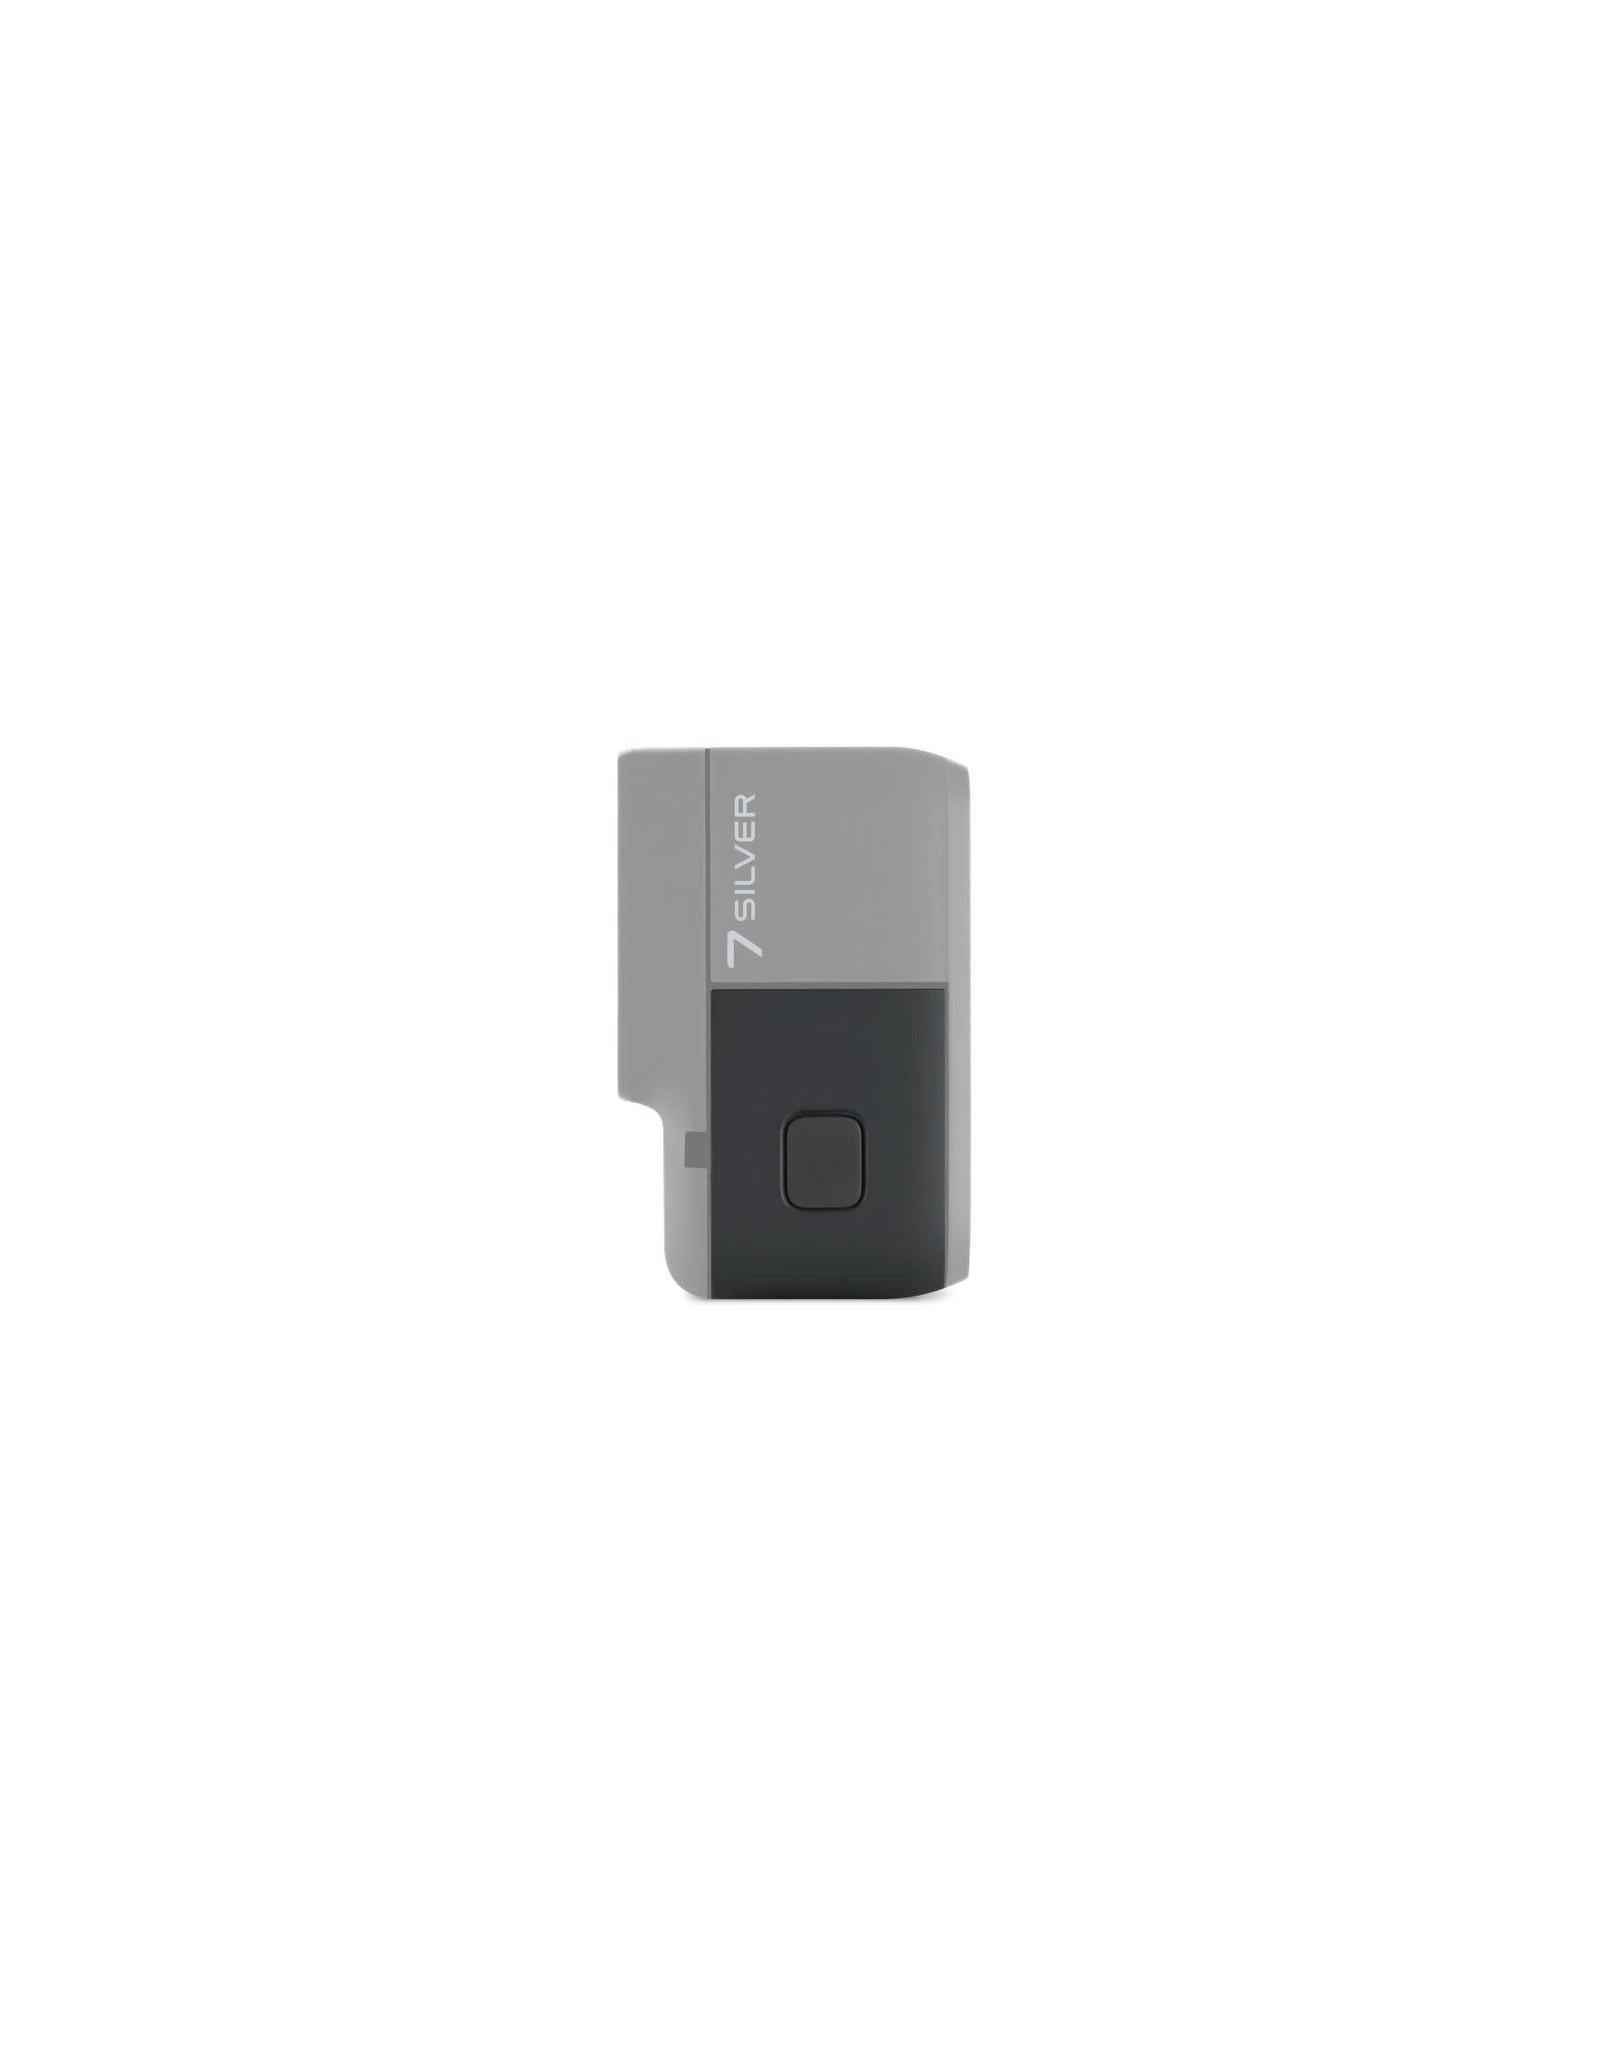 GoPro Replacement Door - HERO7 Silver